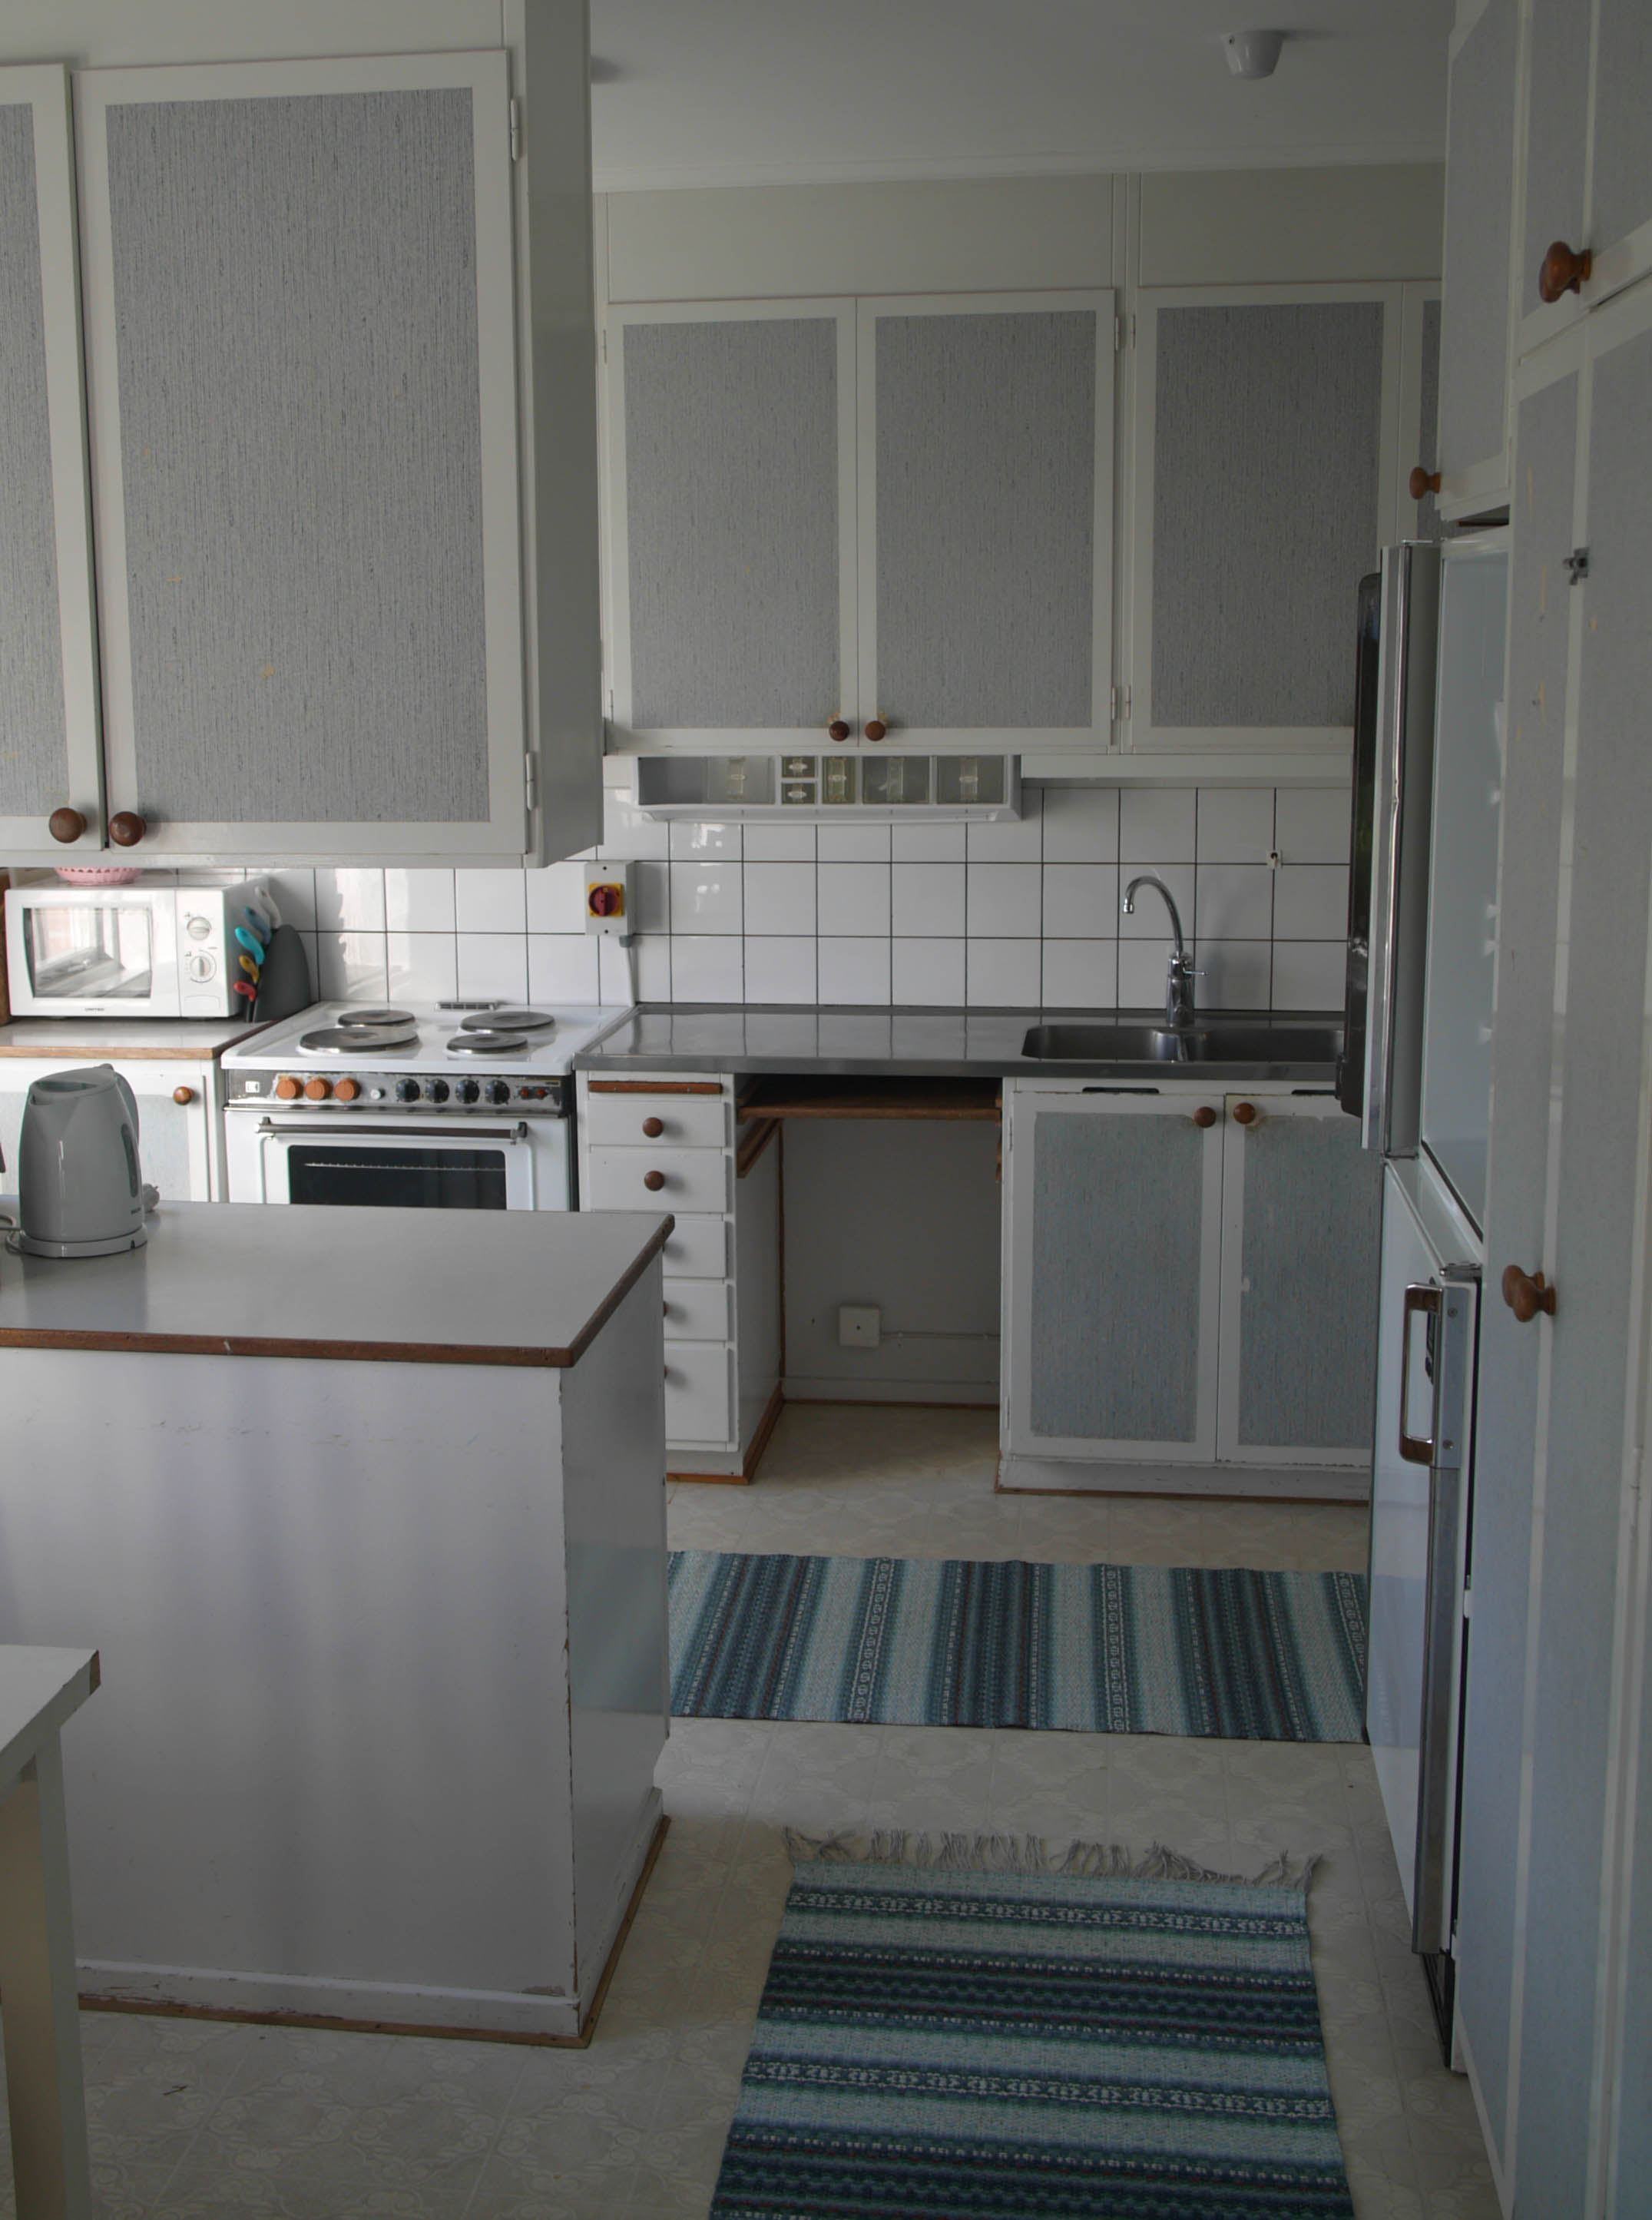 Köket på Glimåkra vandrarhem i Broby